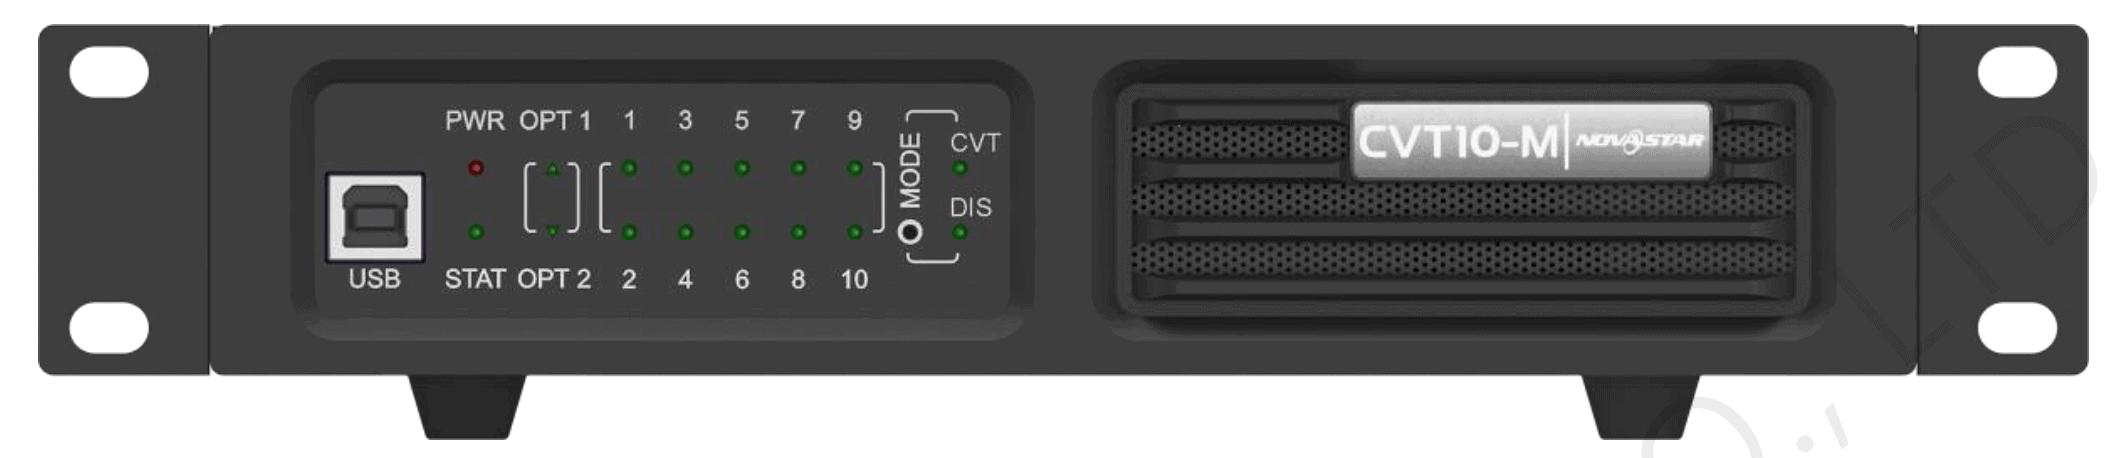 CVT10-M NovaStar Controller